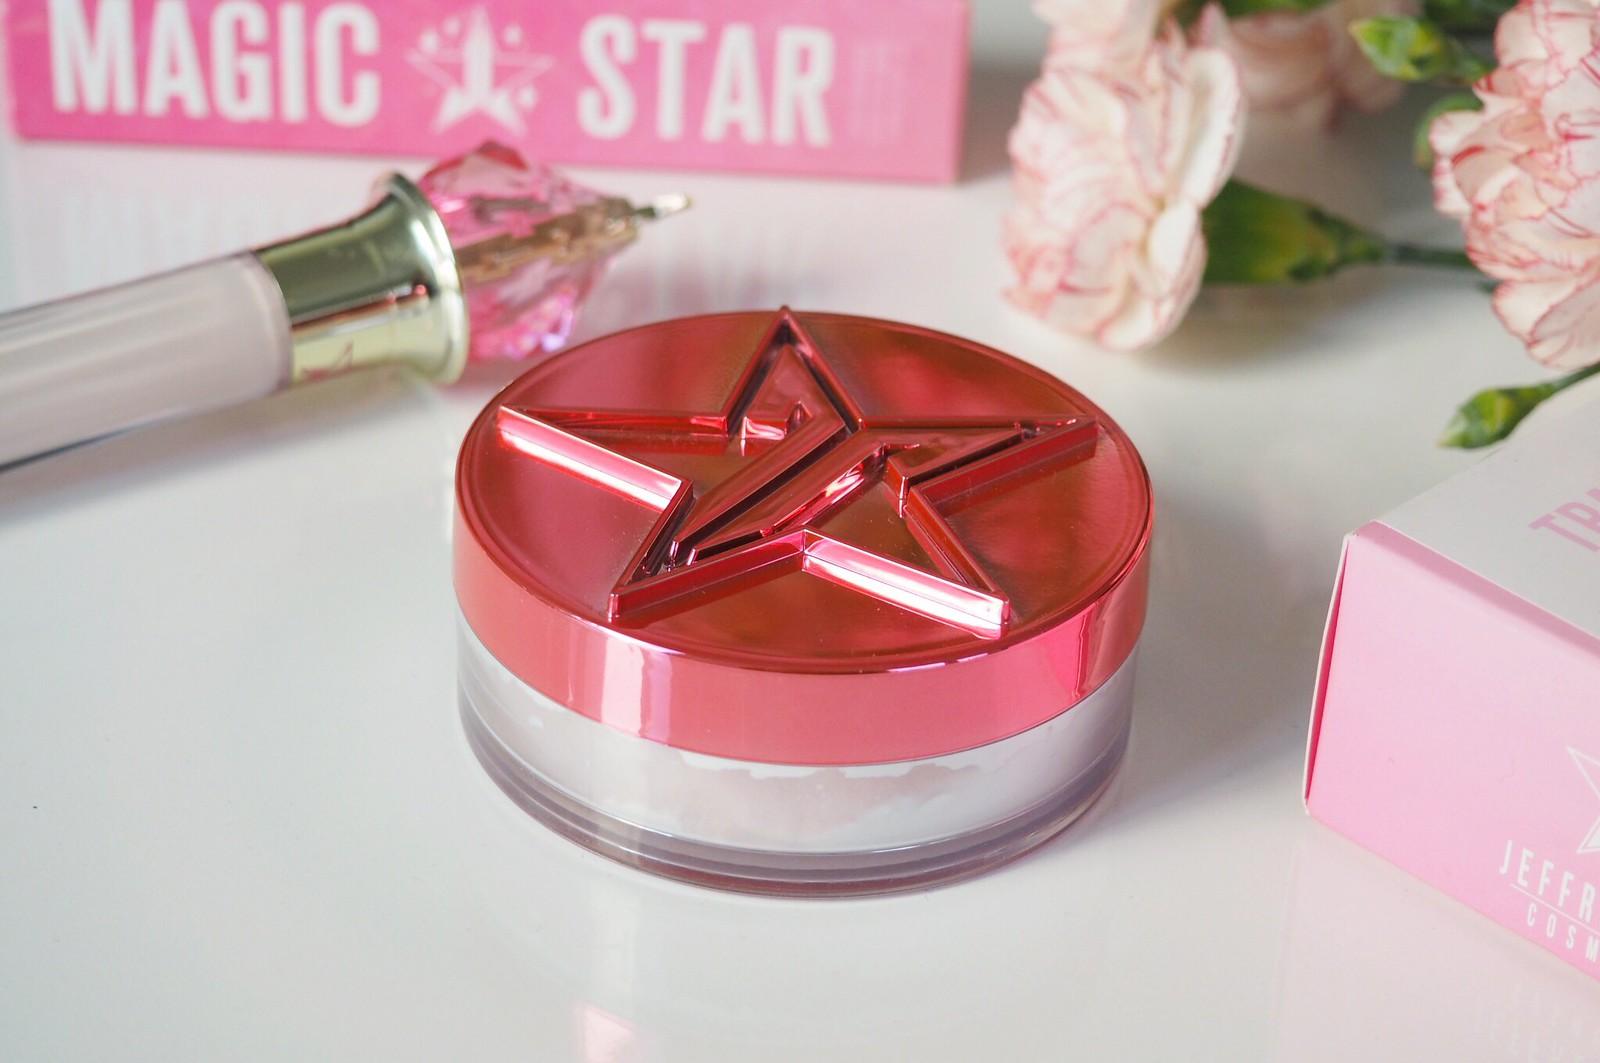 Jeffree Star Magic Star